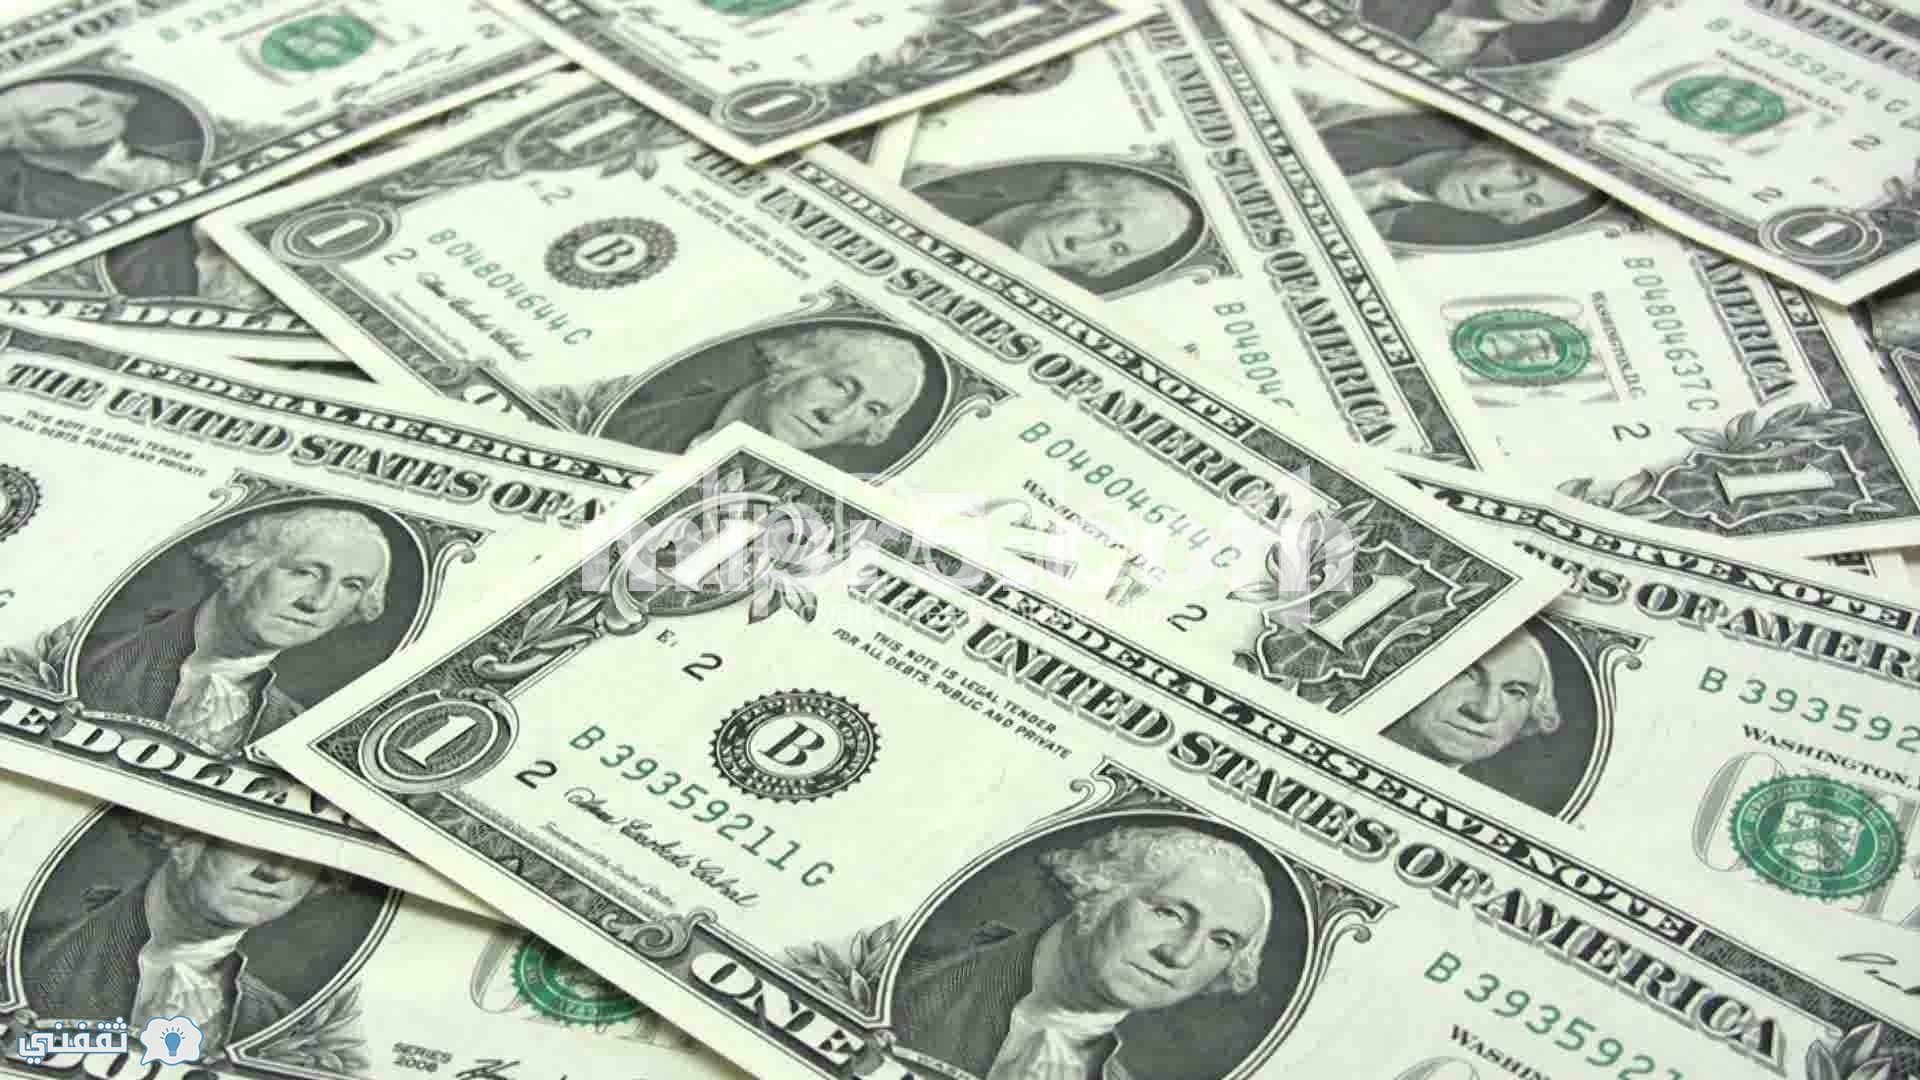 سعر الدولار اليوم الاثنين نتابع معكم سعر الدولار الأمريكي اليوم في السوق السوداء حيث استقر سعر الدولار اليوم أمام الجنيه Personalized Items Essel Us Dollars